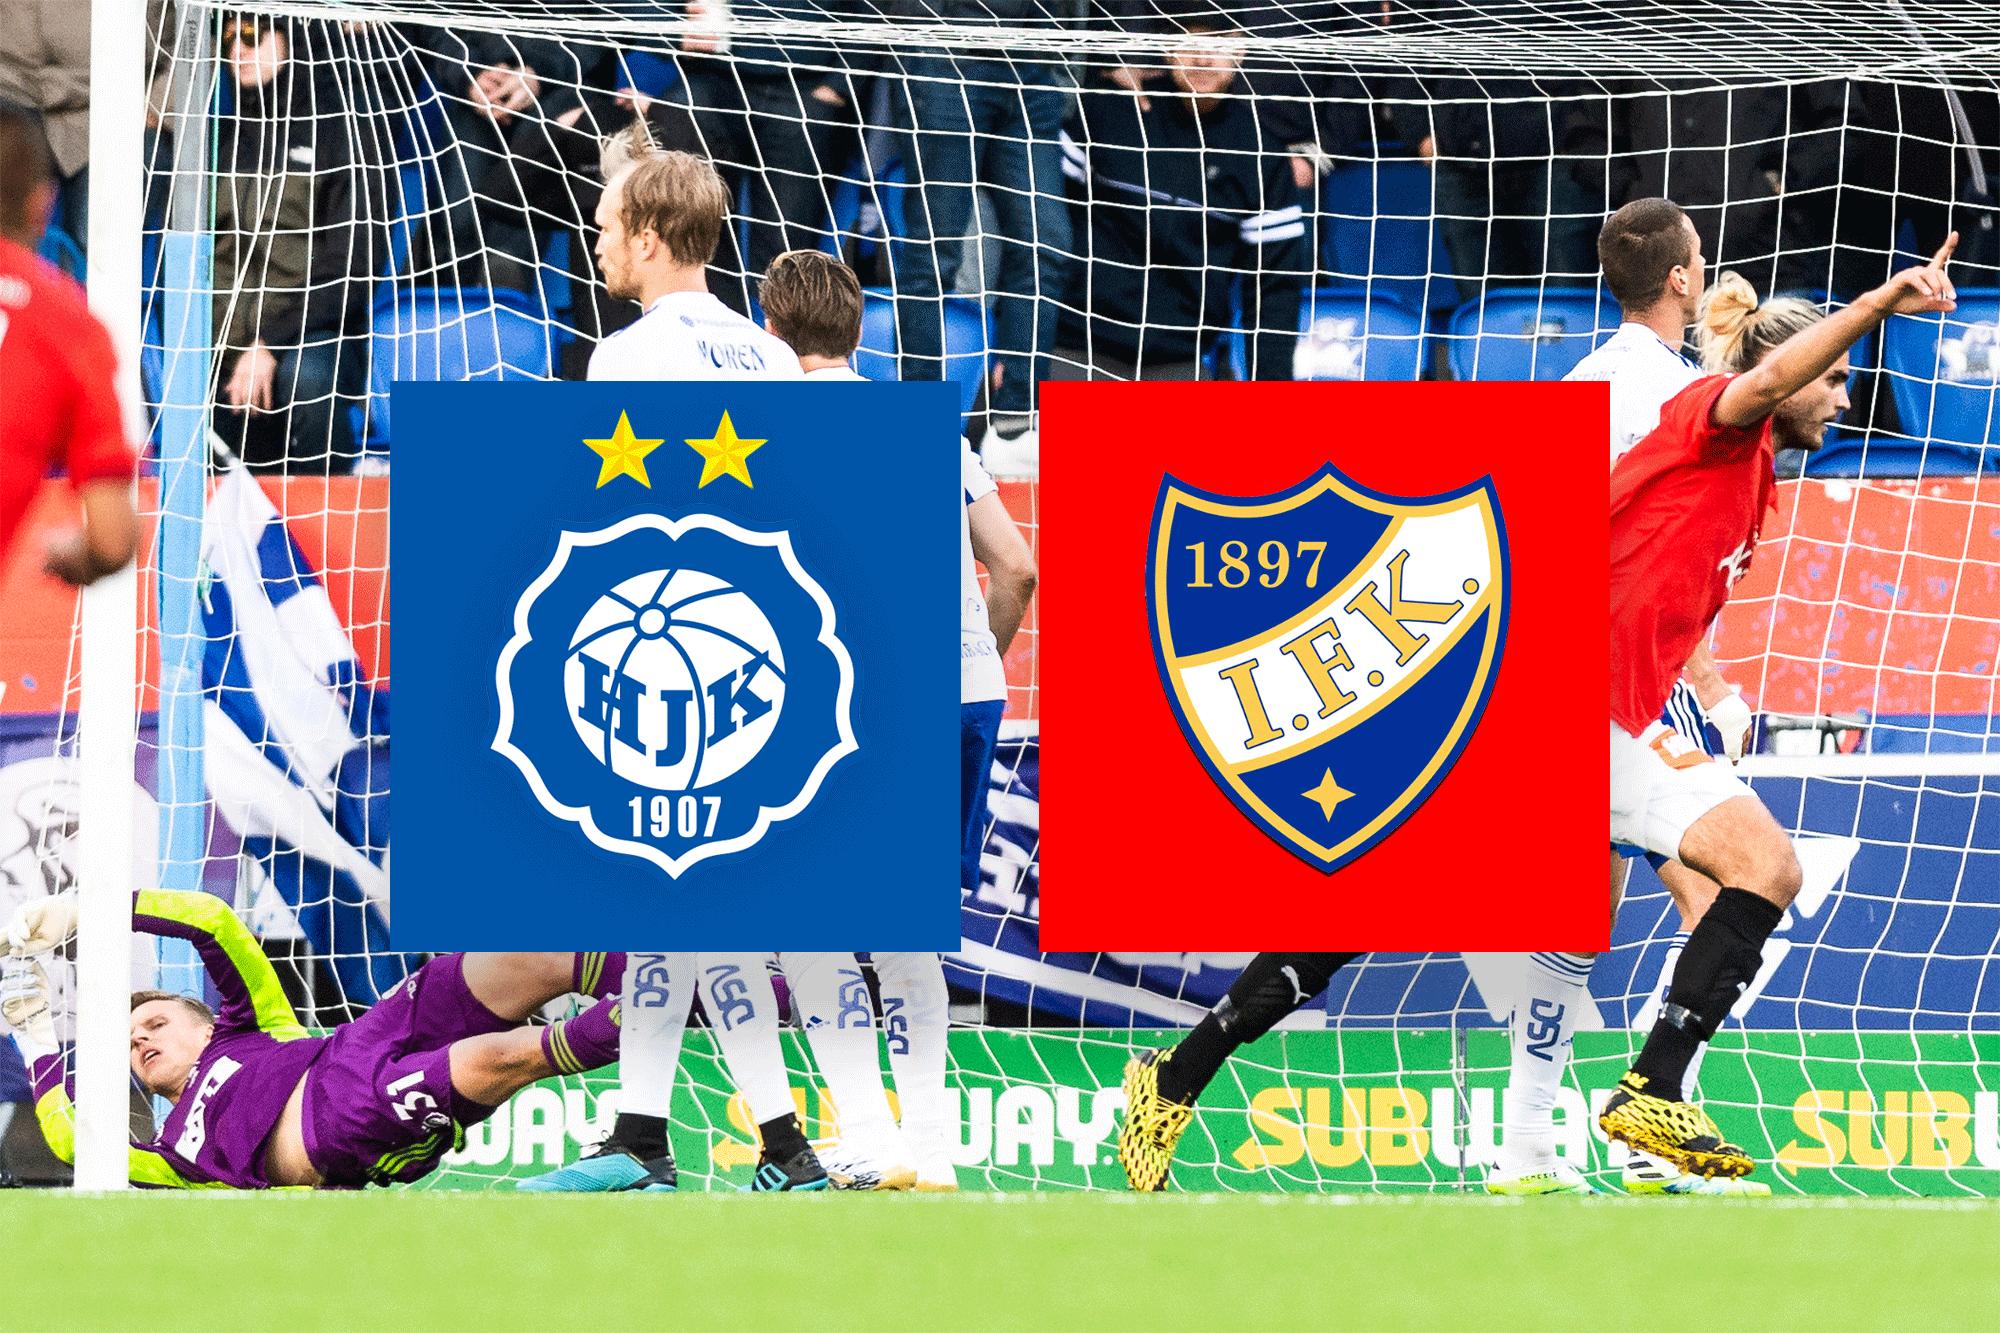 Inför matchen: HJK tar emot HIFK i säsongens andra derby